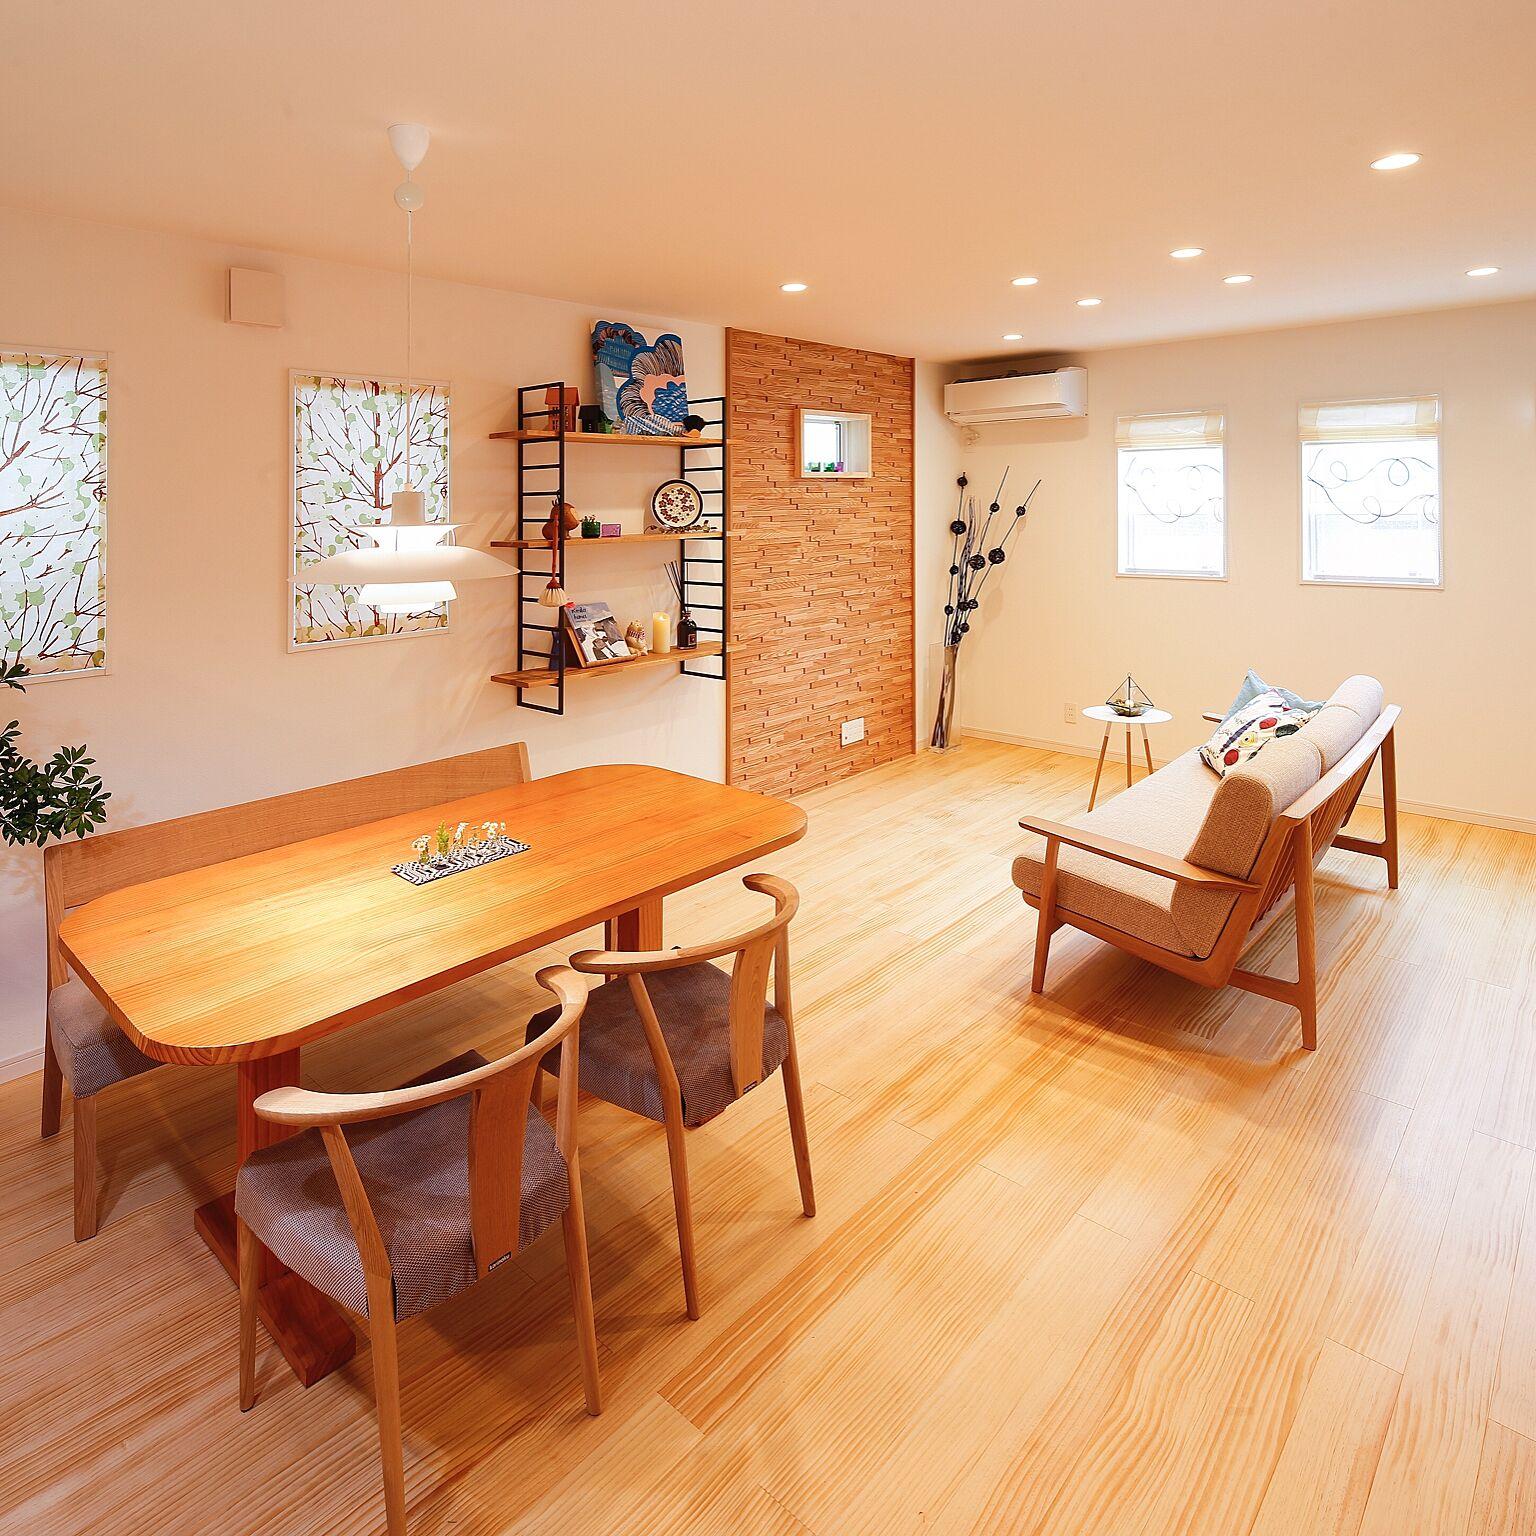 工夫しだいで開放感のある空間が作れる!お部屋を広く見せるテクニック10